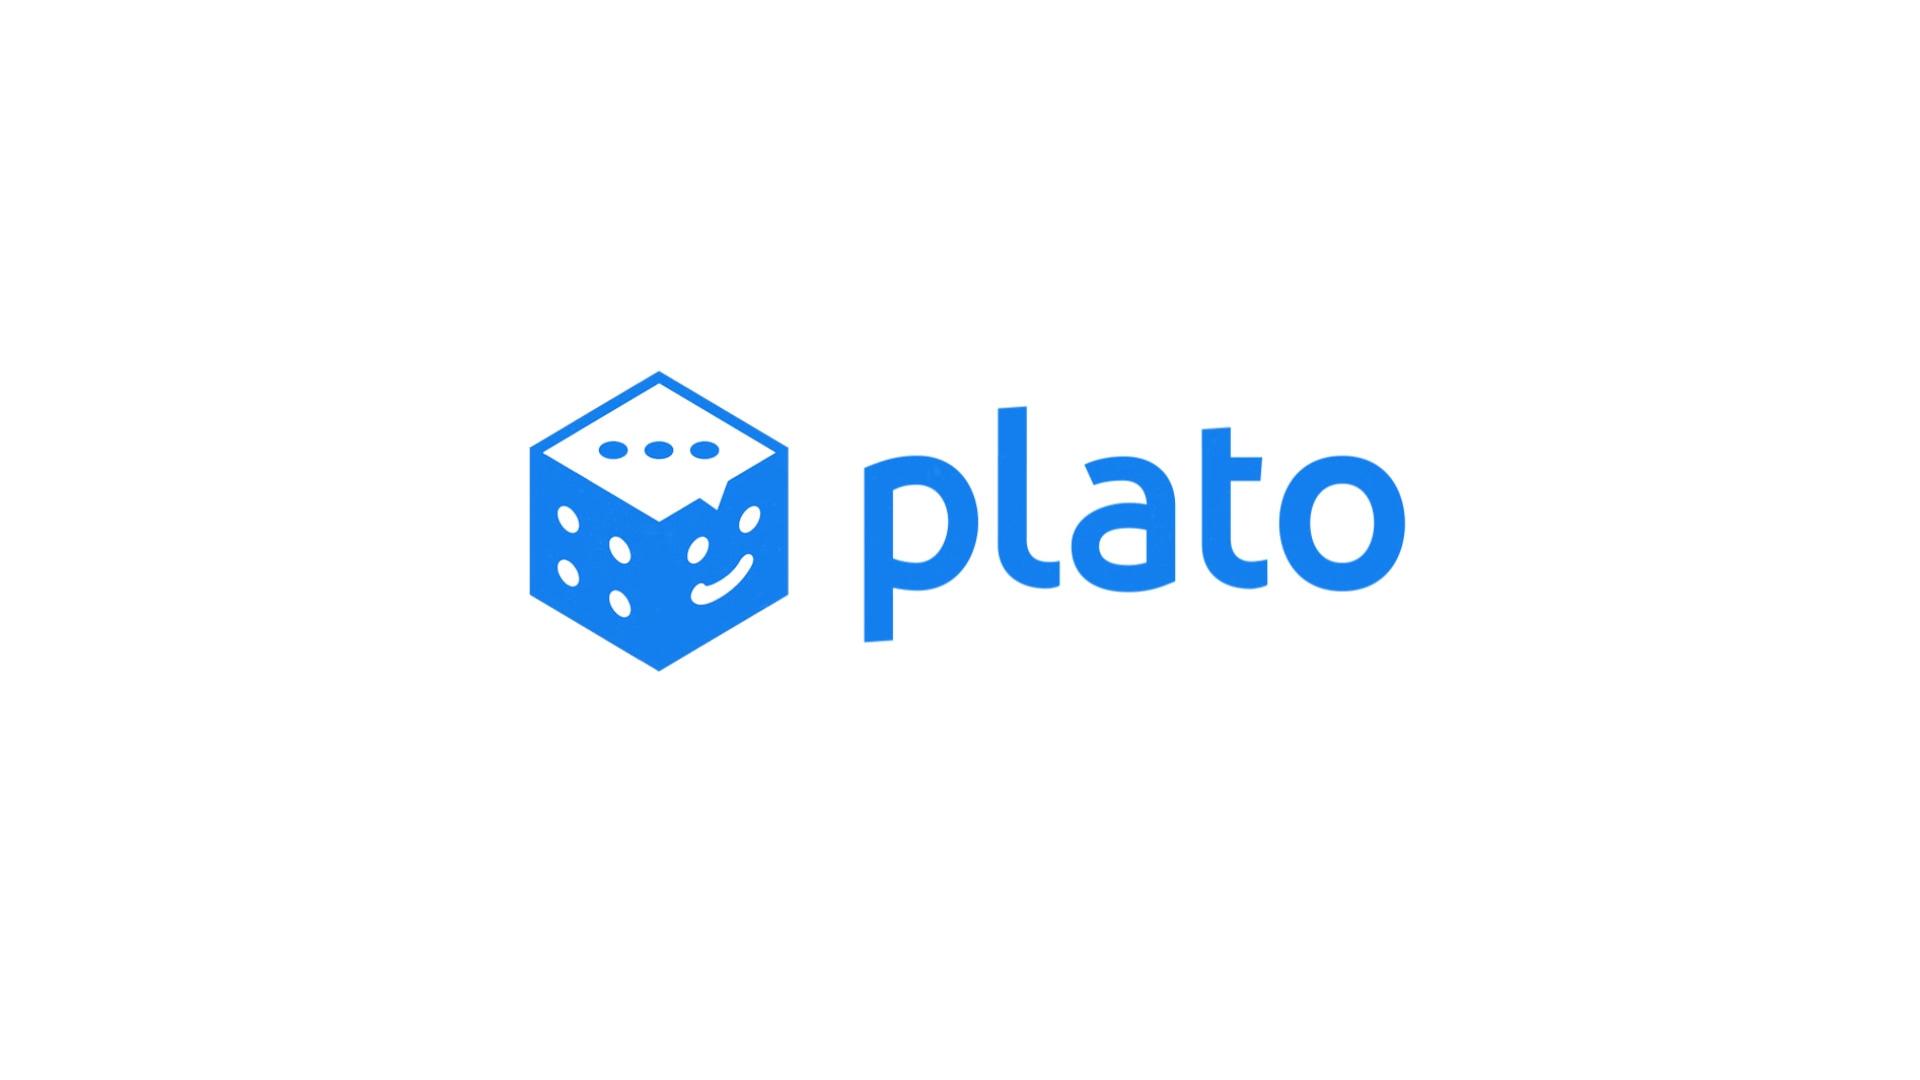 بازیهای پلاتو Plato